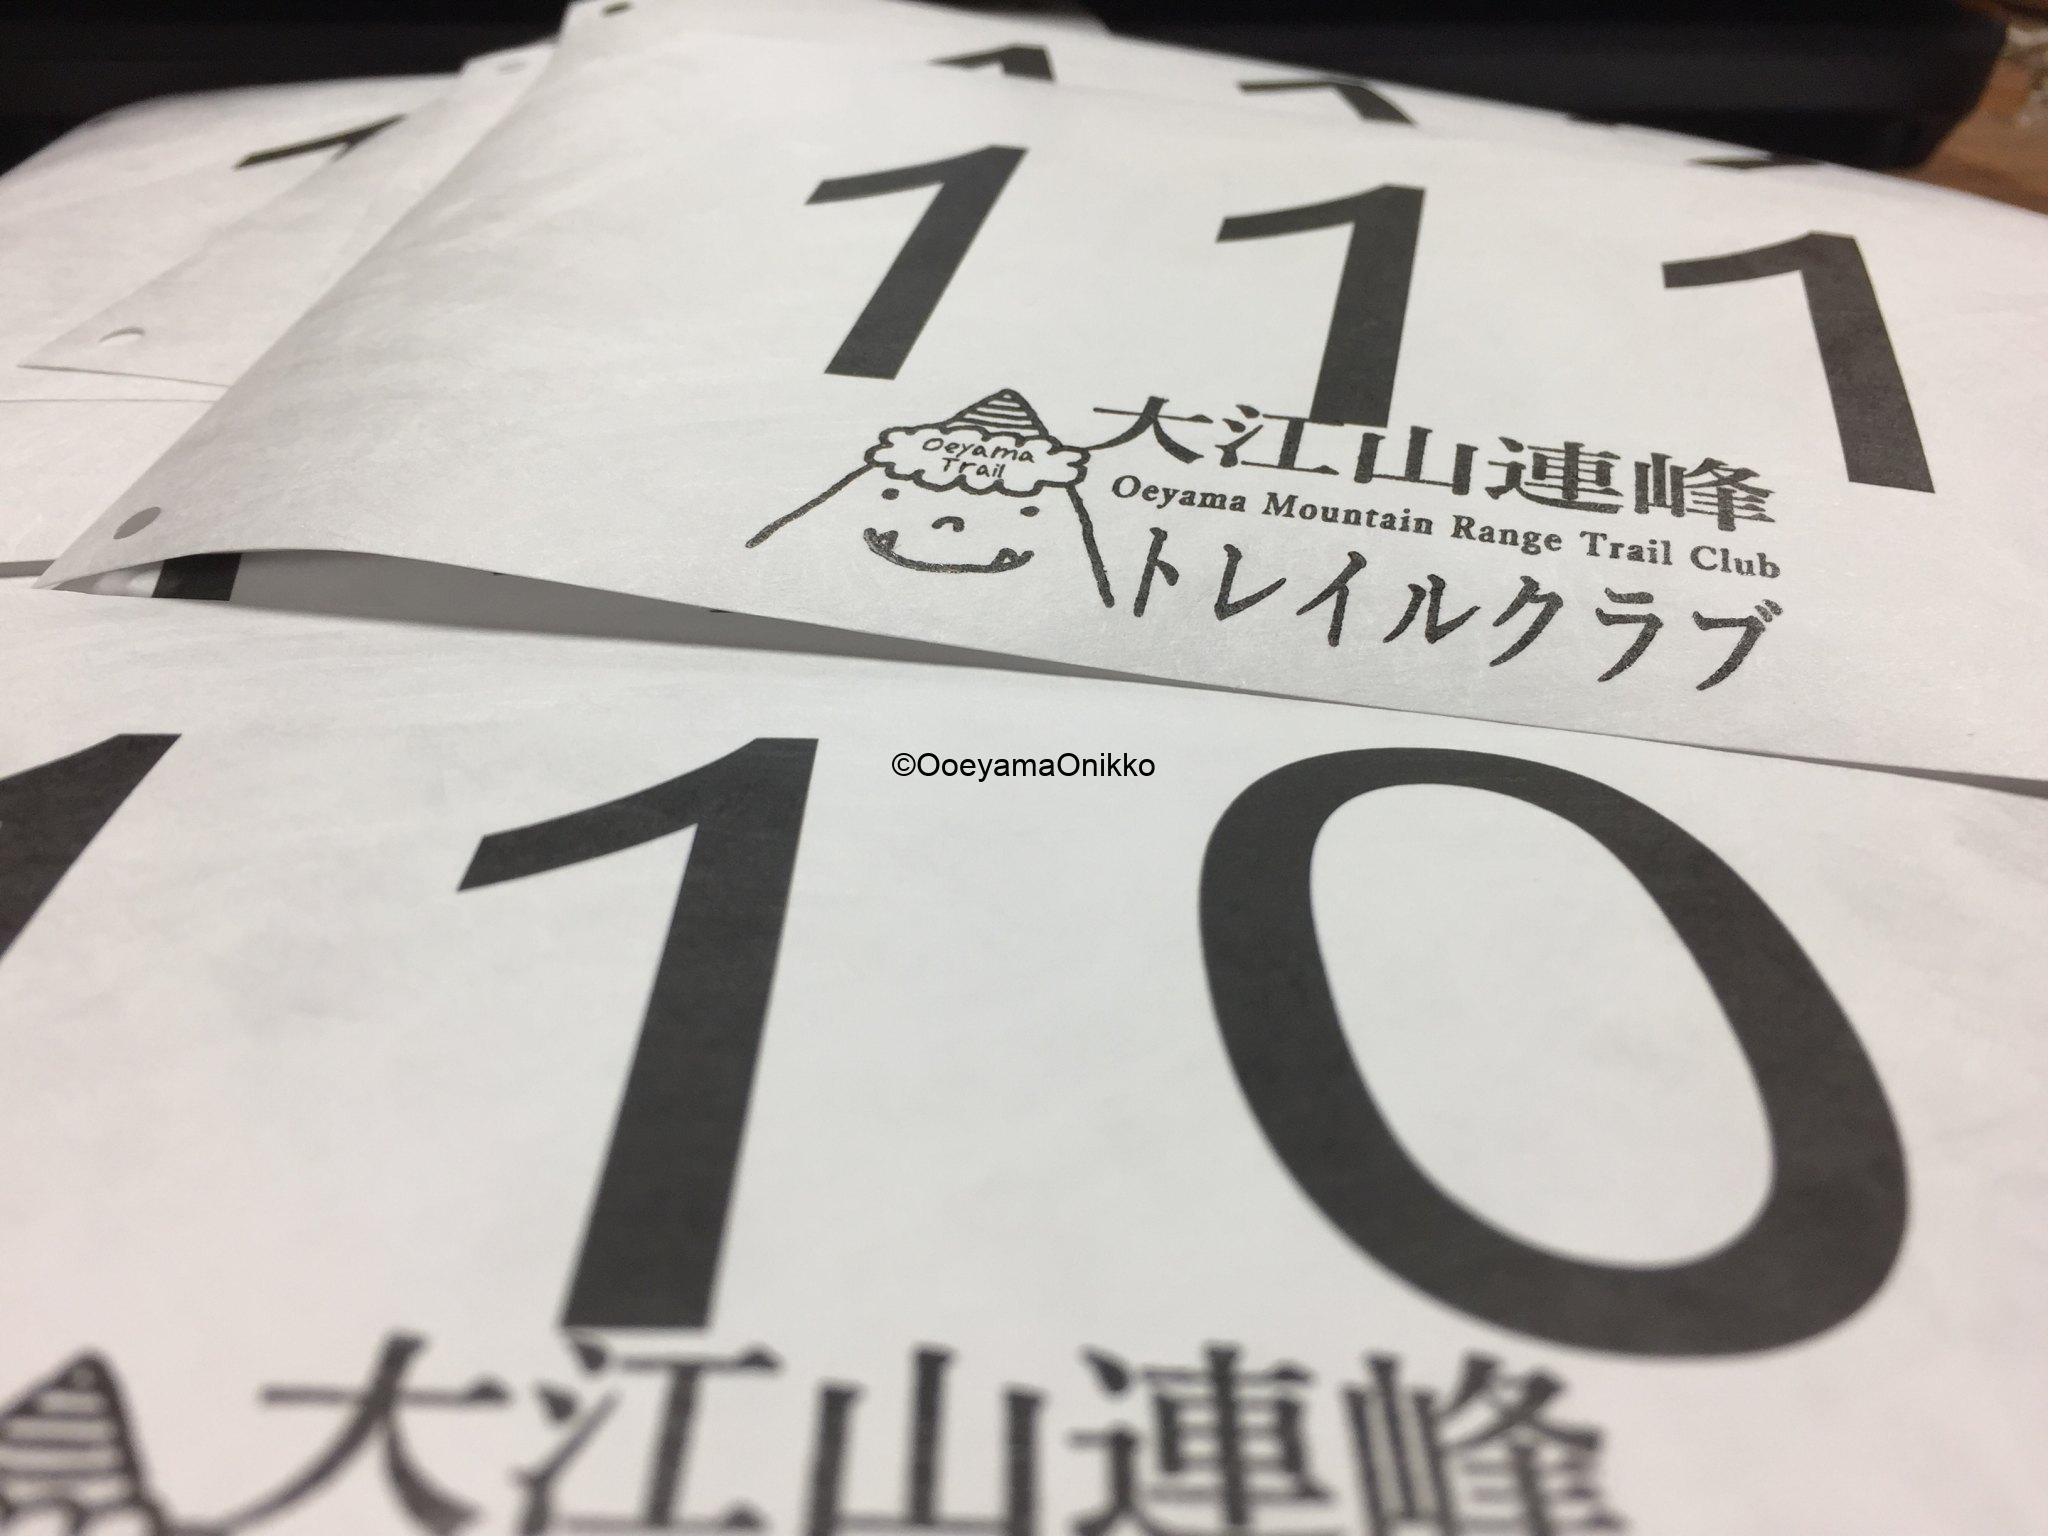 大江山連峰タイムトライアル